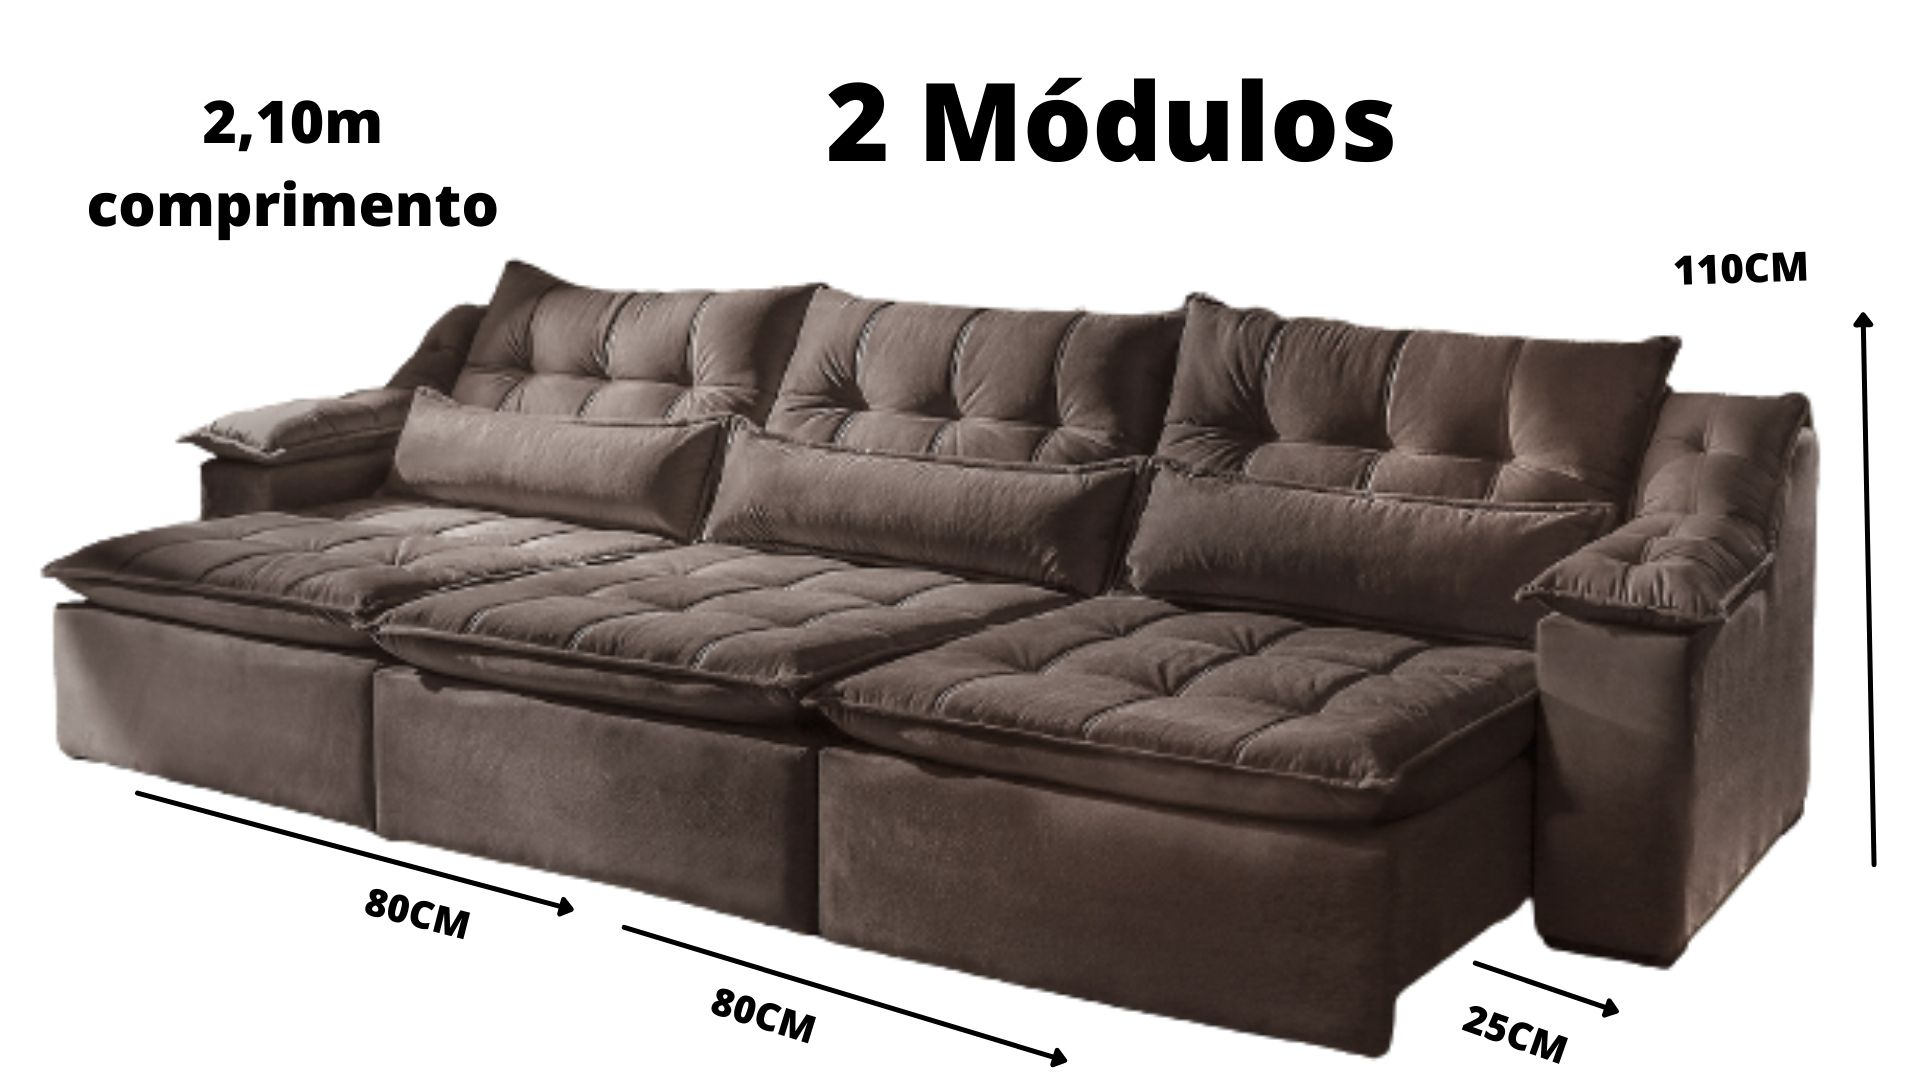 Sofá Retrátil e Reclinável  Portugal 3 módulos